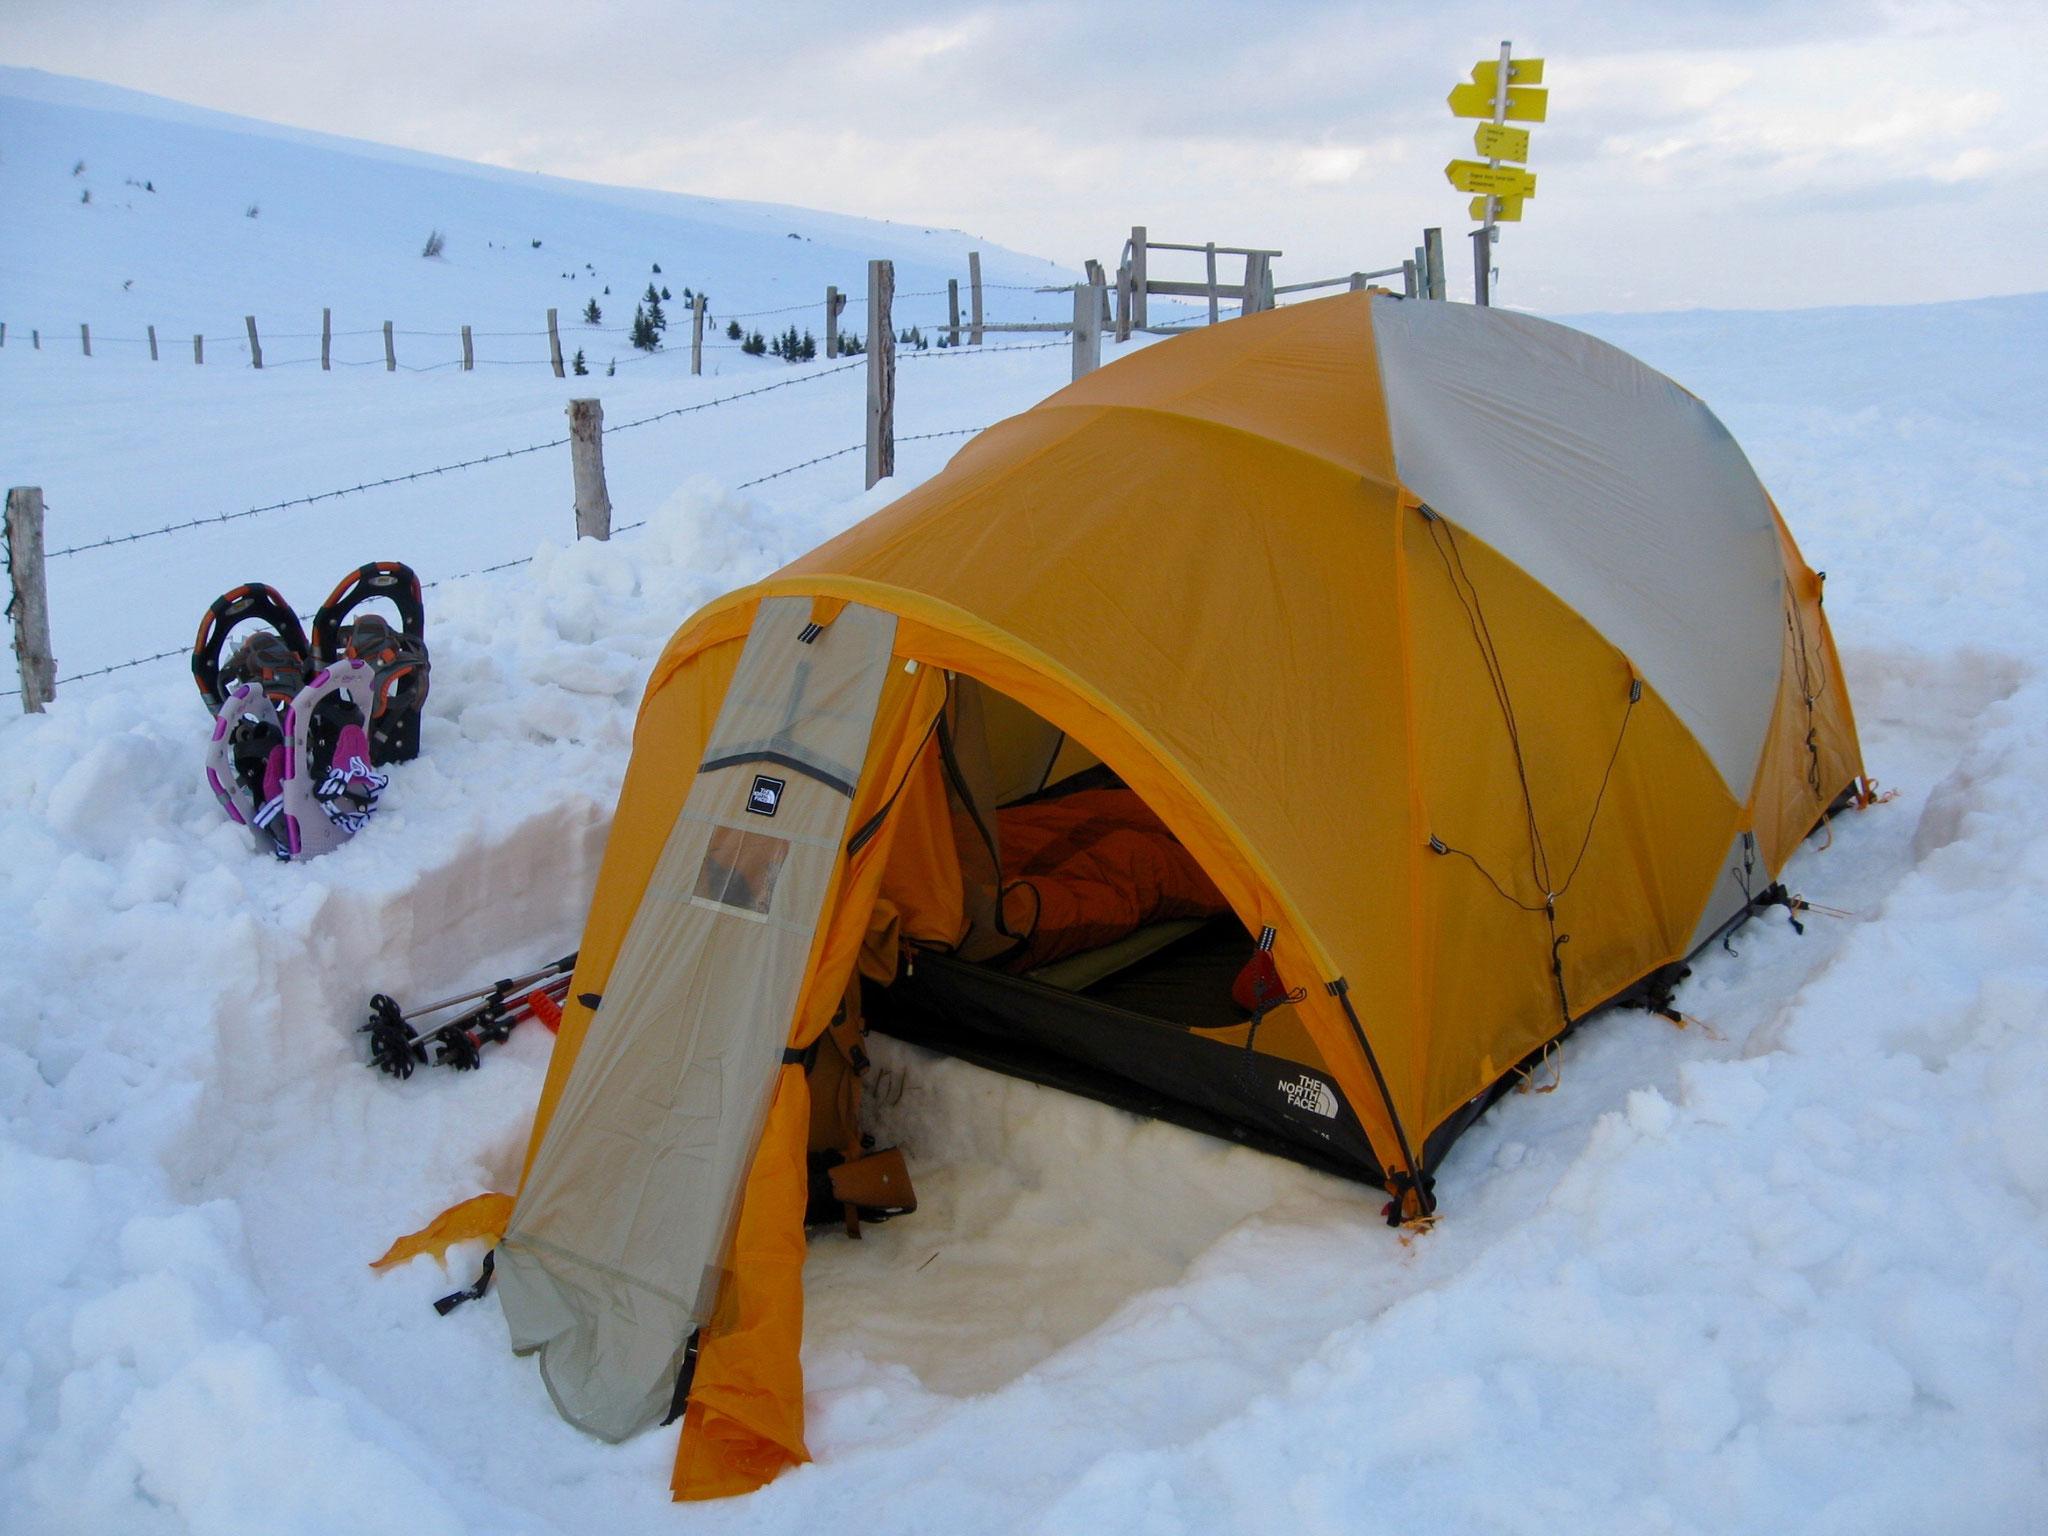 Fertig ist das Zelt fuer die Nacht.